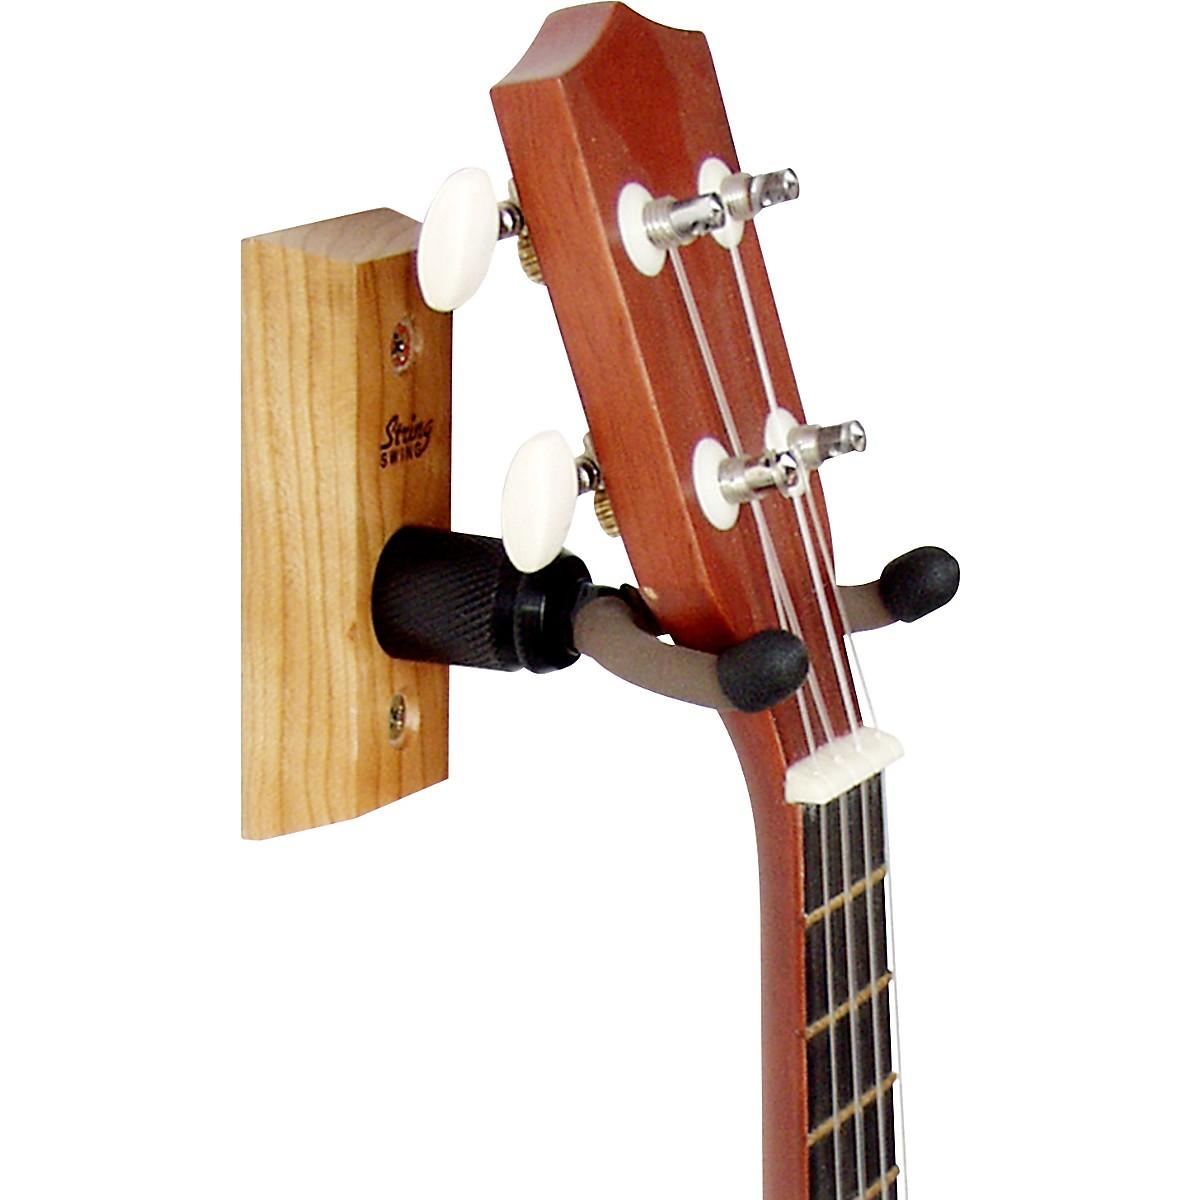 String Swing Home and Studio Ukulele Hanger